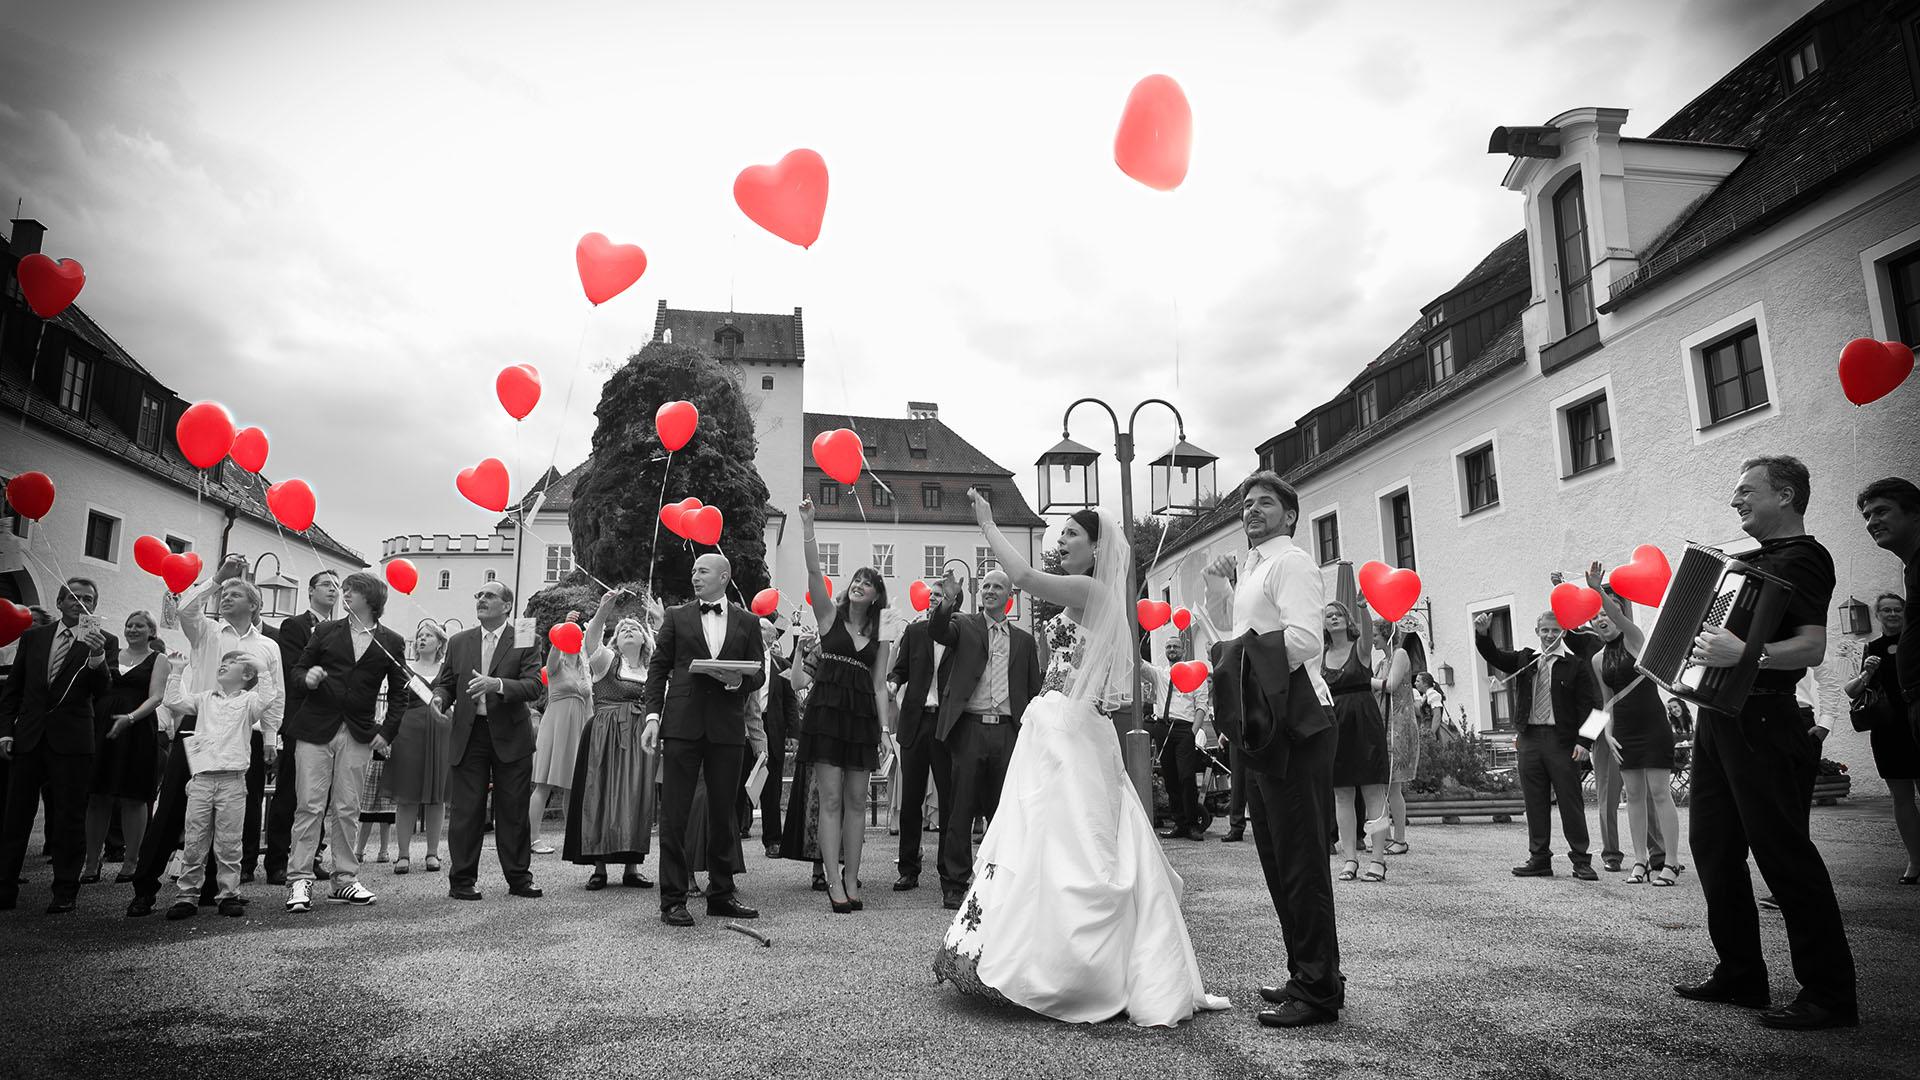 Reportage der Feier Ehepaar und Gäste lassen Luftballons steigen